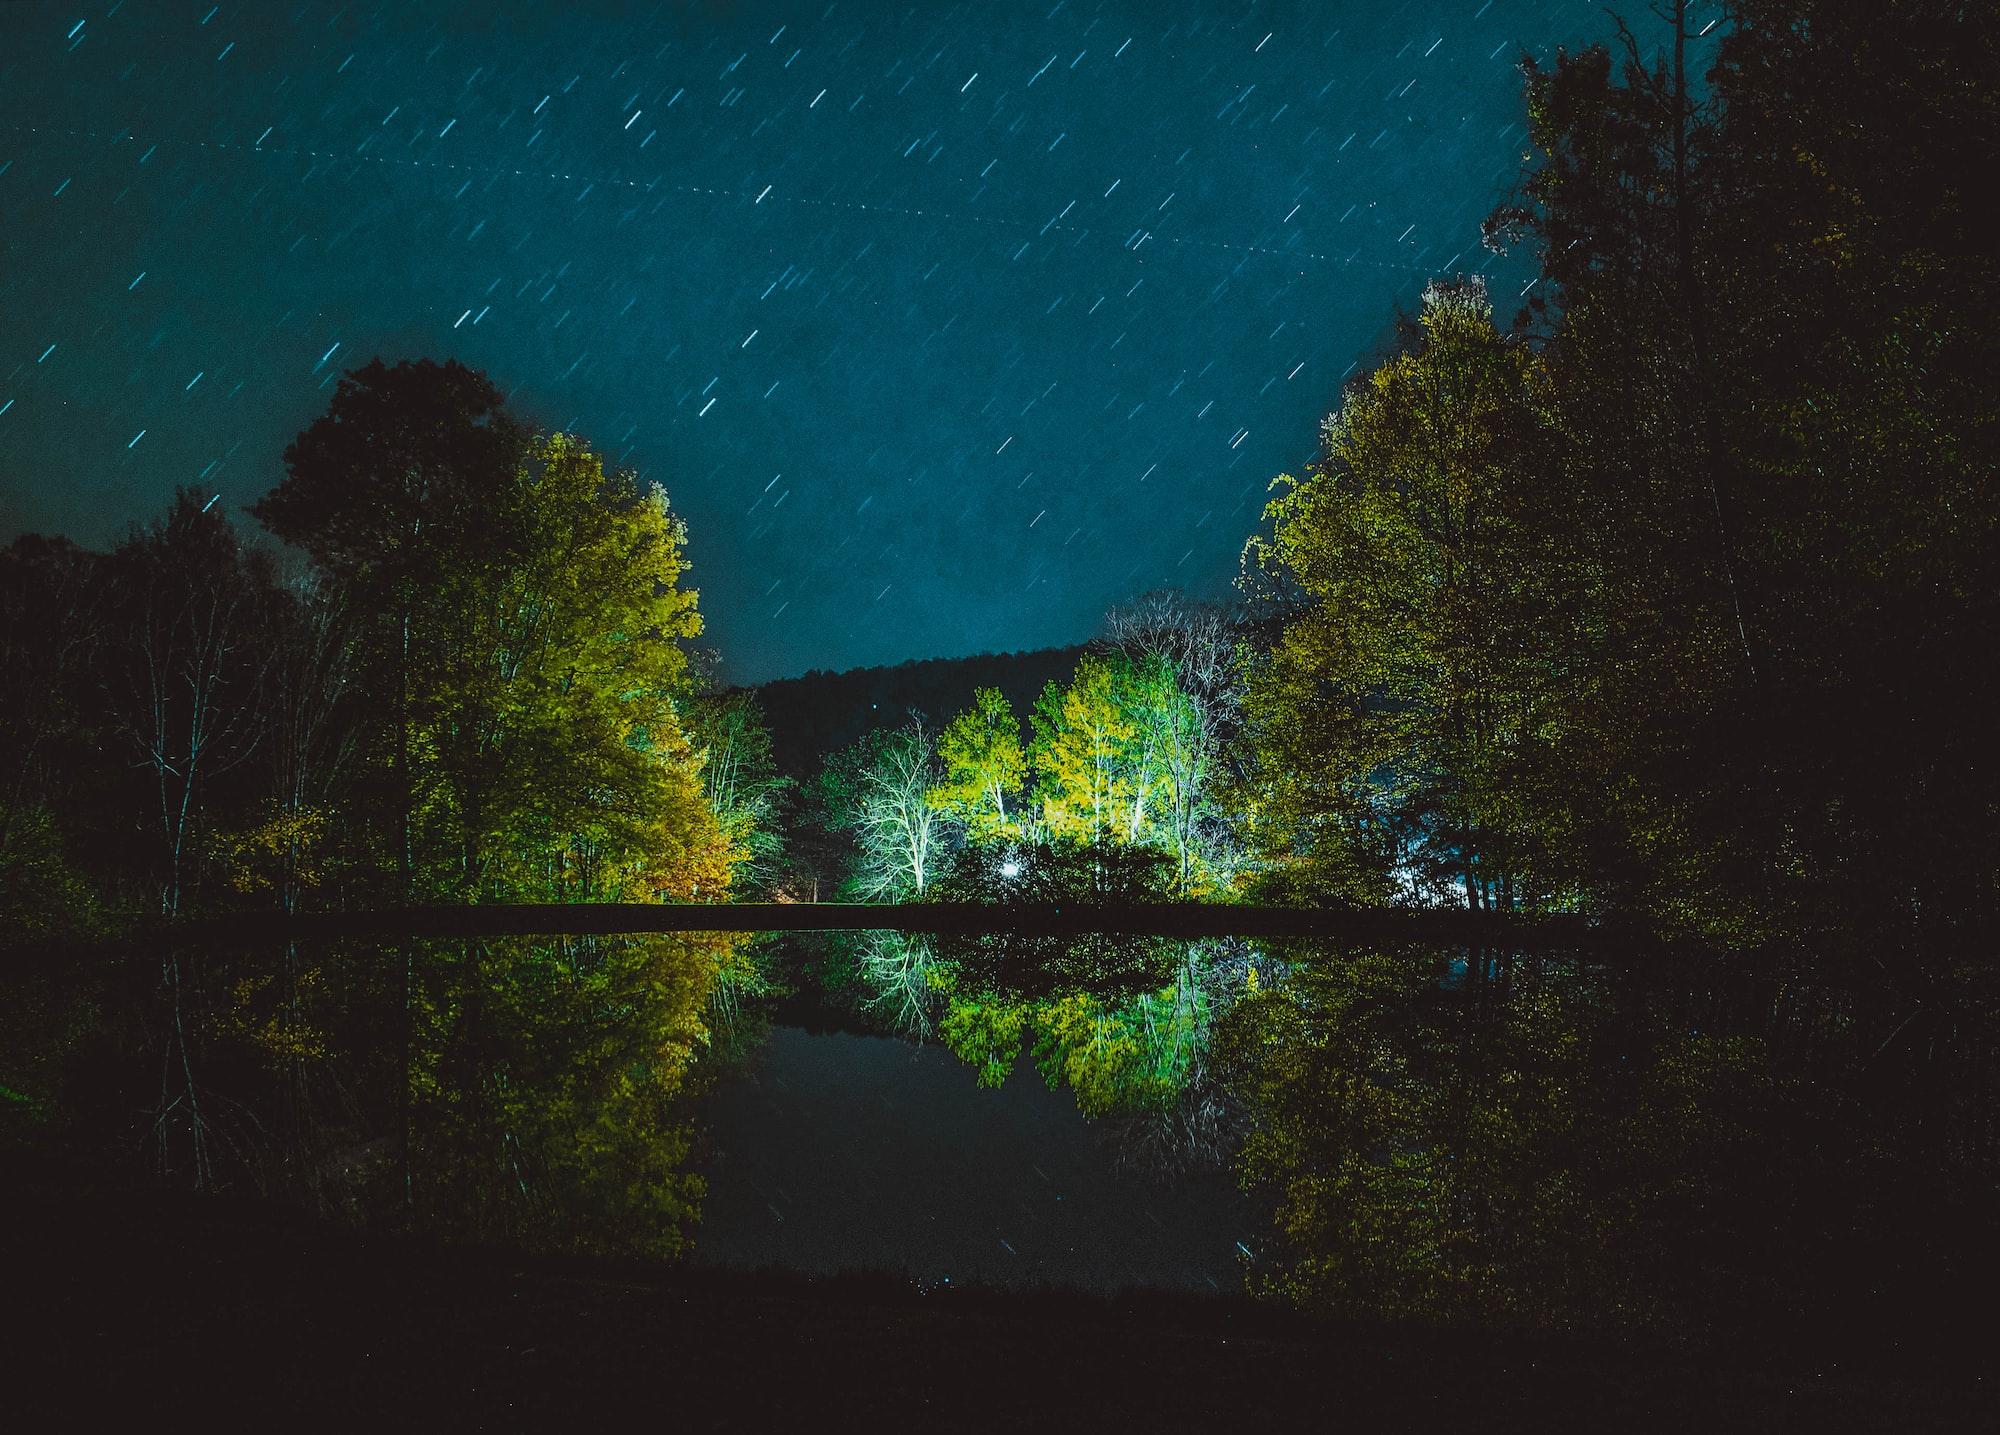 Звездное небо лучше фотографировать за городом